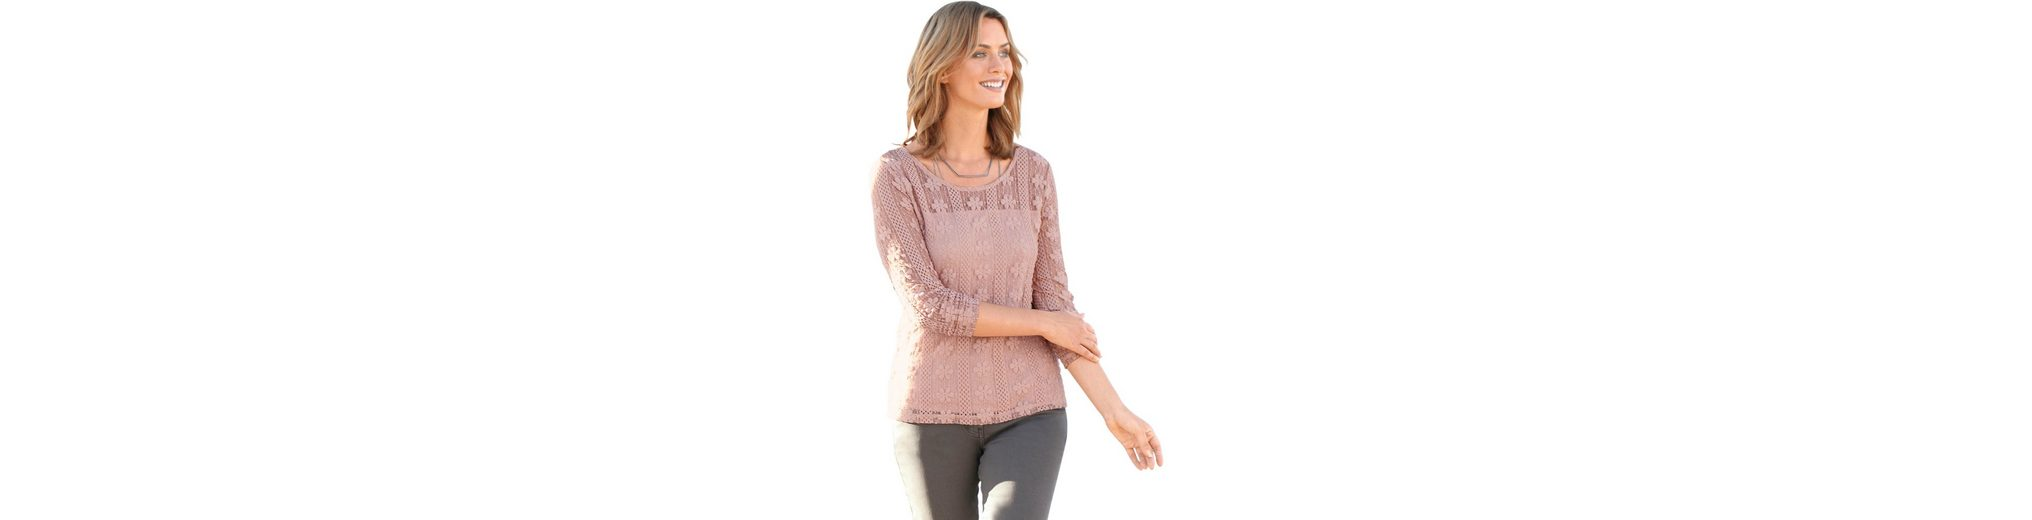 Ambria Shirt femininem Blümchen-Muster Wählen Sie Eine Beste Online Zum Verkauf Finish 9ZkYA5nzFl